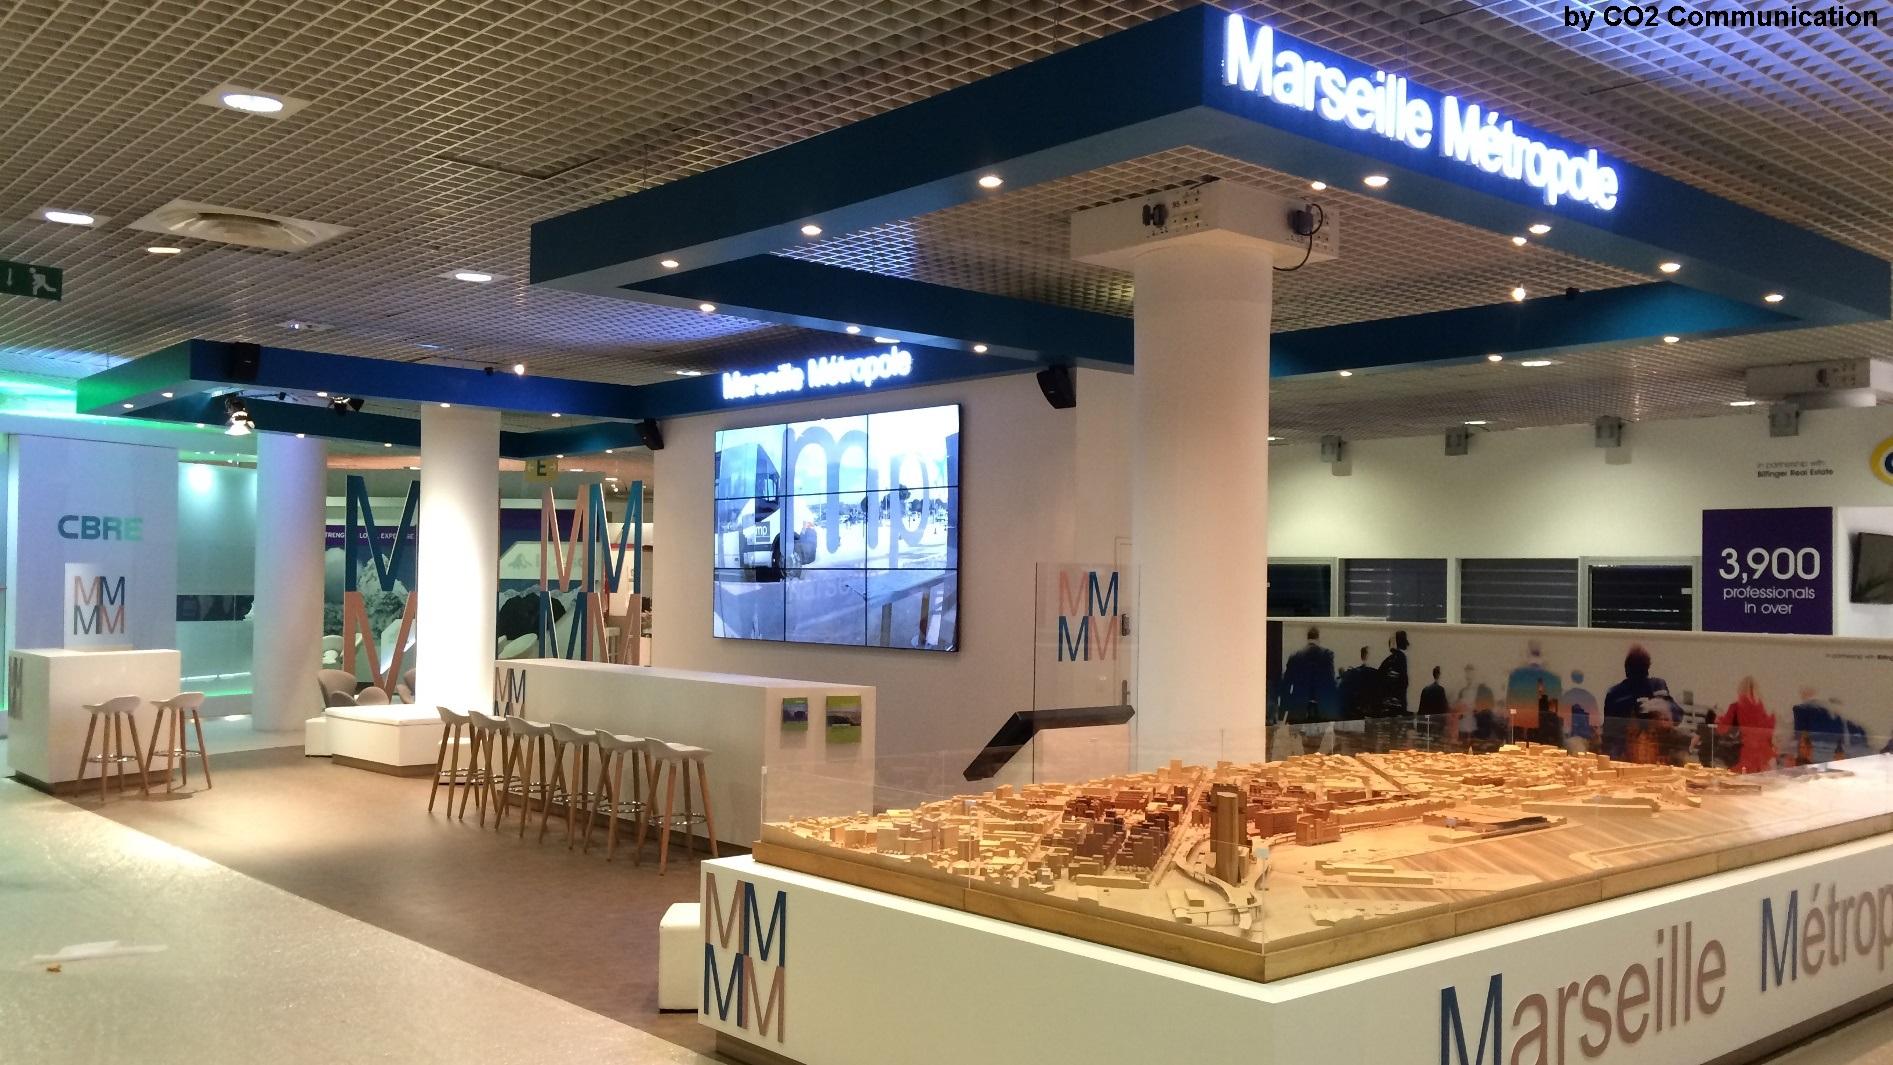 Stand Marseille - Métropole au MIPIM - CO2 Communication - Palais des Festivals de Cannes - service déco l'a installé - audiovisuelle